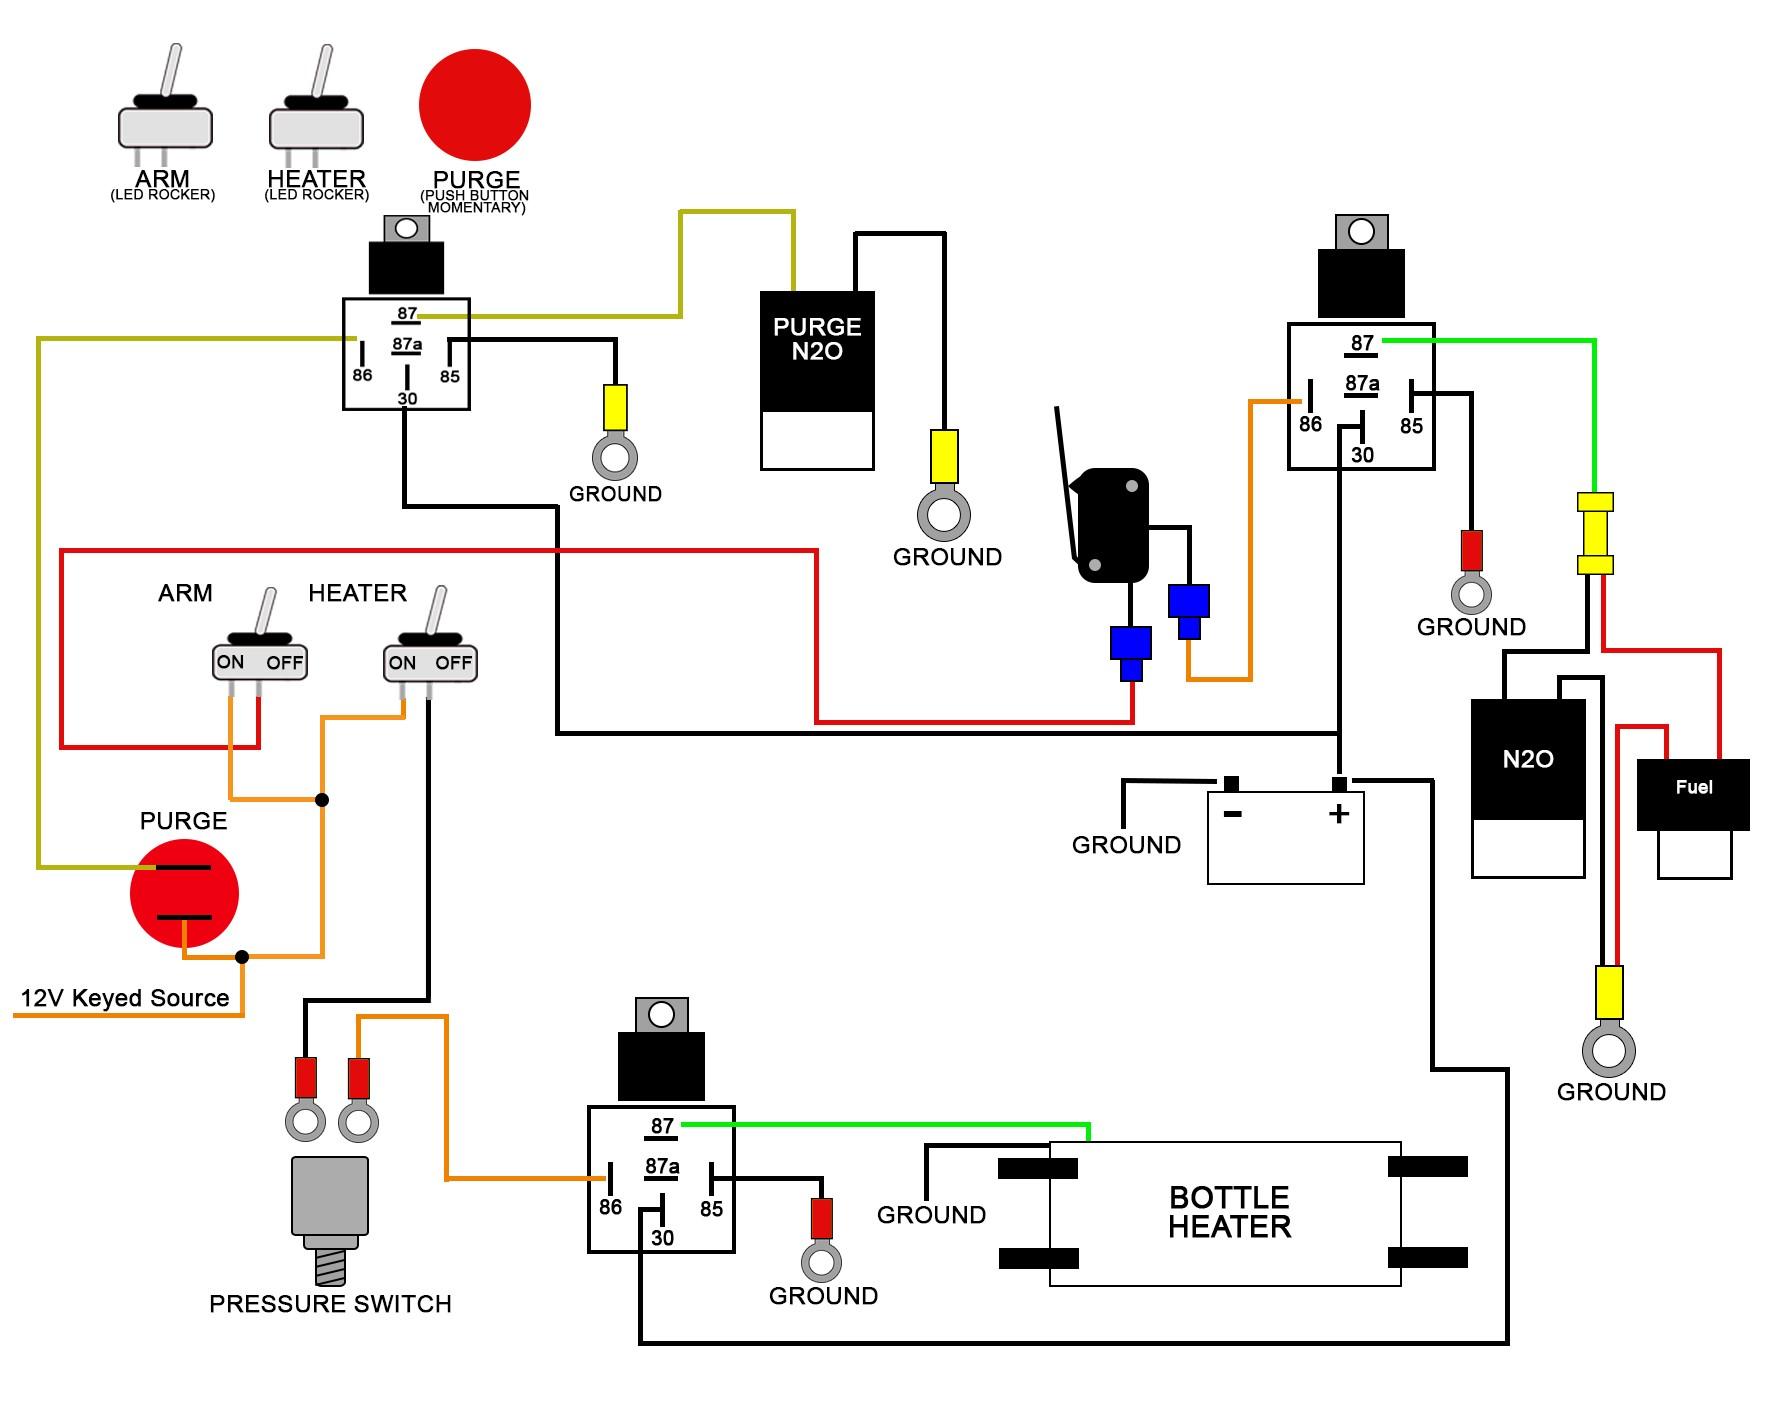 12v Switch Panel Wiring Diagram 7 12V